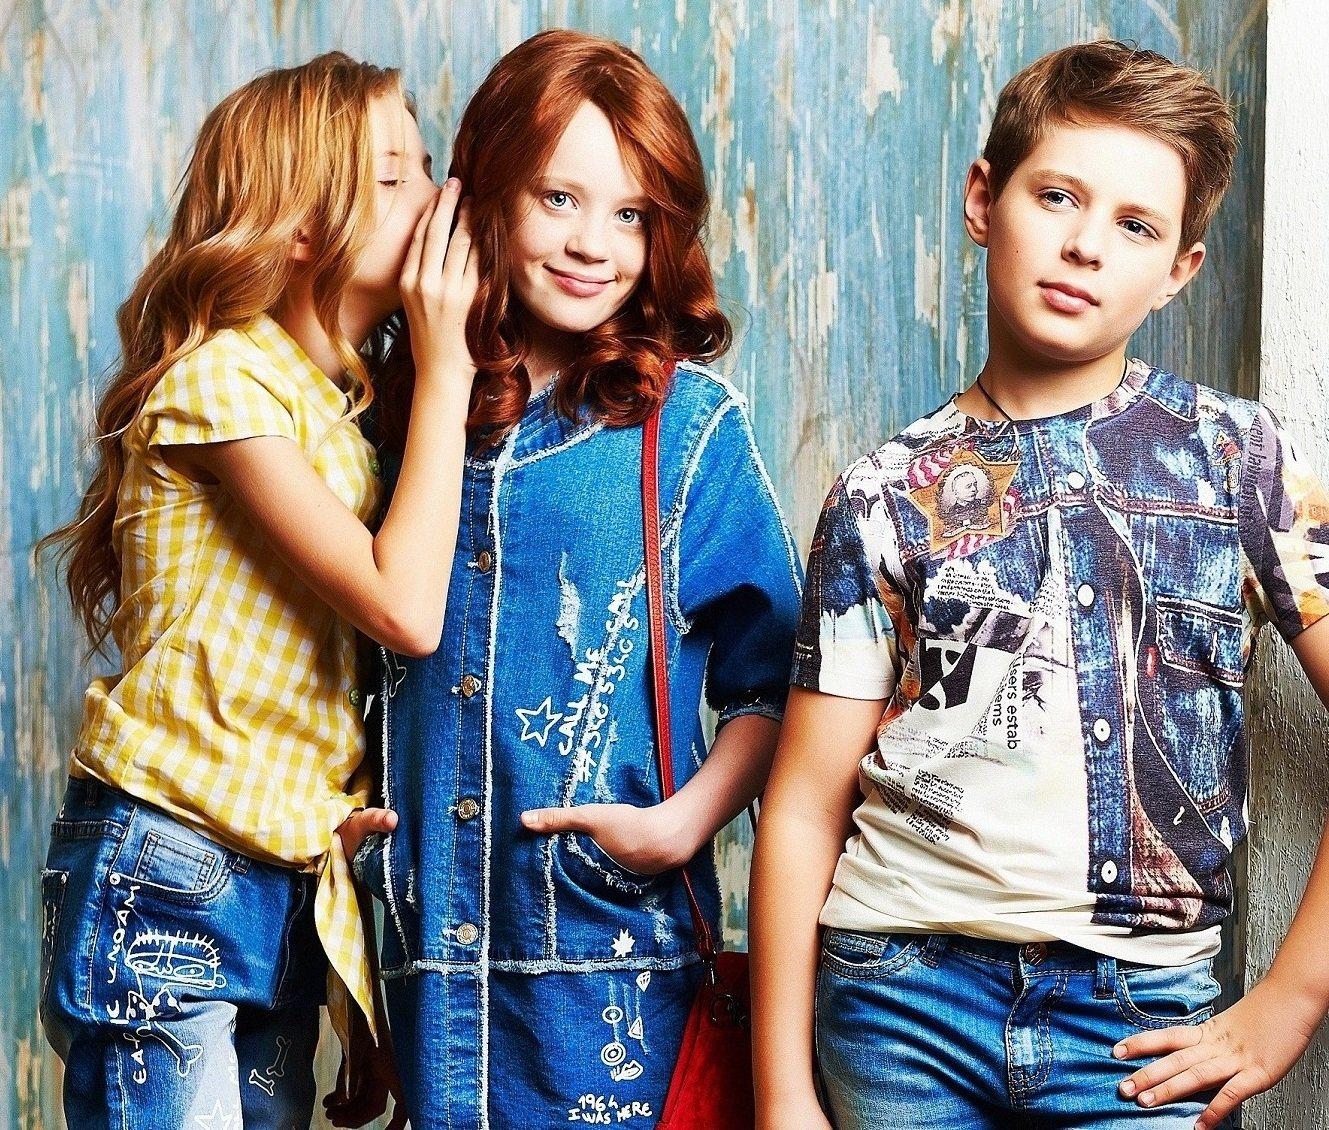 f2764eed7152a Для подрастающего поколения очень важно выглядеть соответственно  современной моде. То есть модная прическа и модный стиль одежды сможет с  легкостью повысить ...